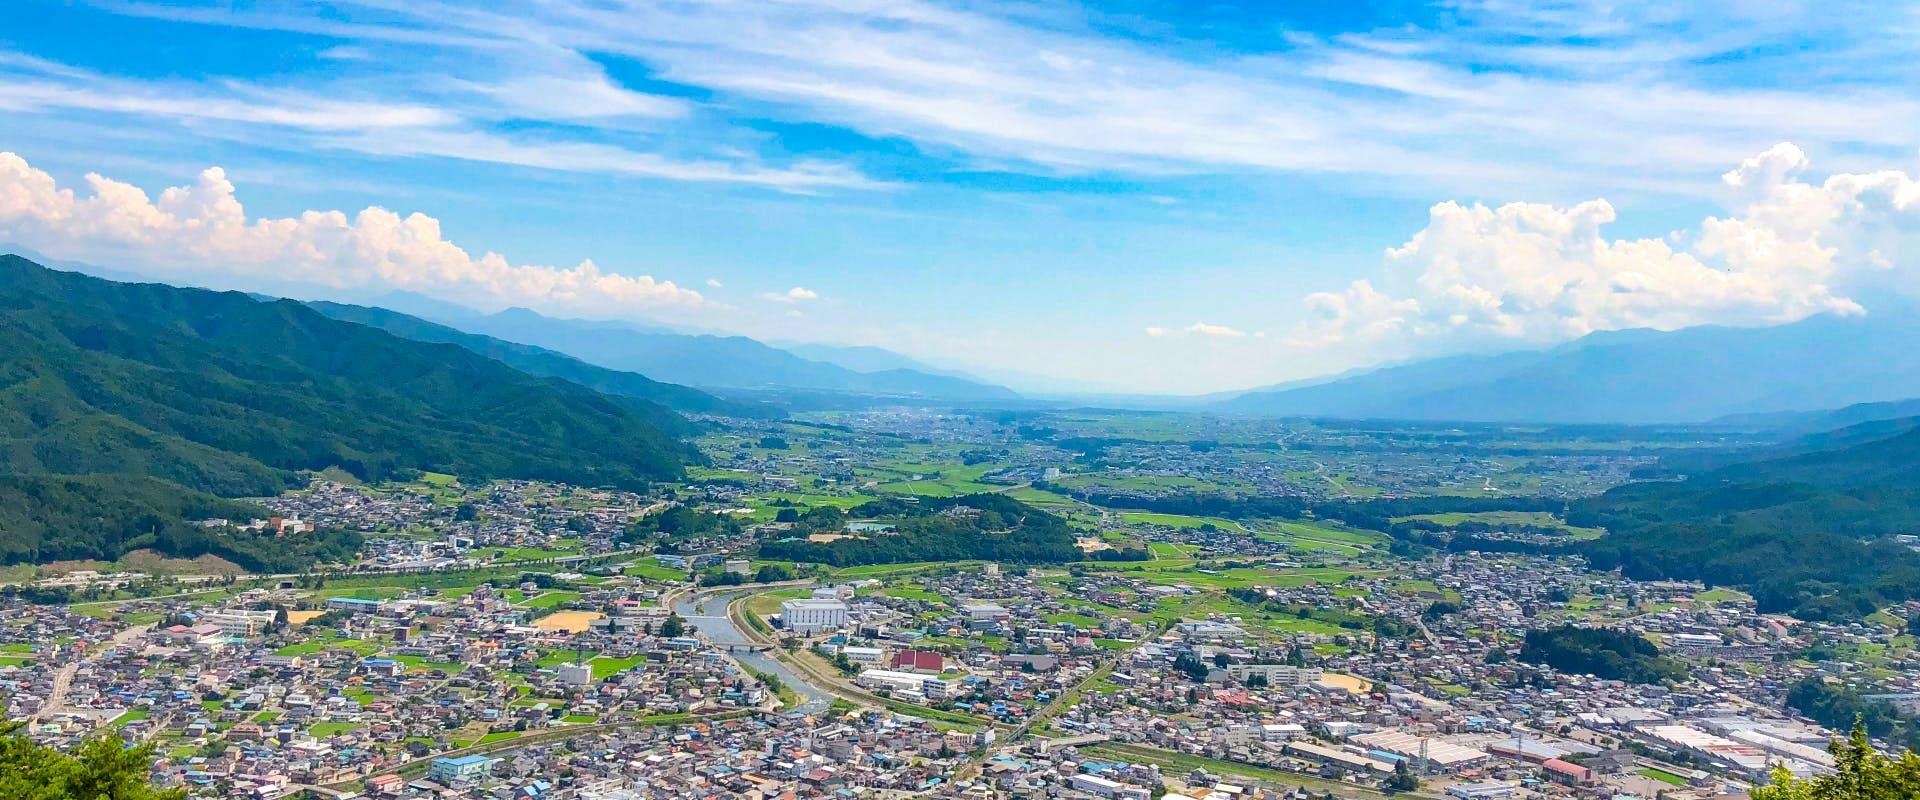 長野県辰野町